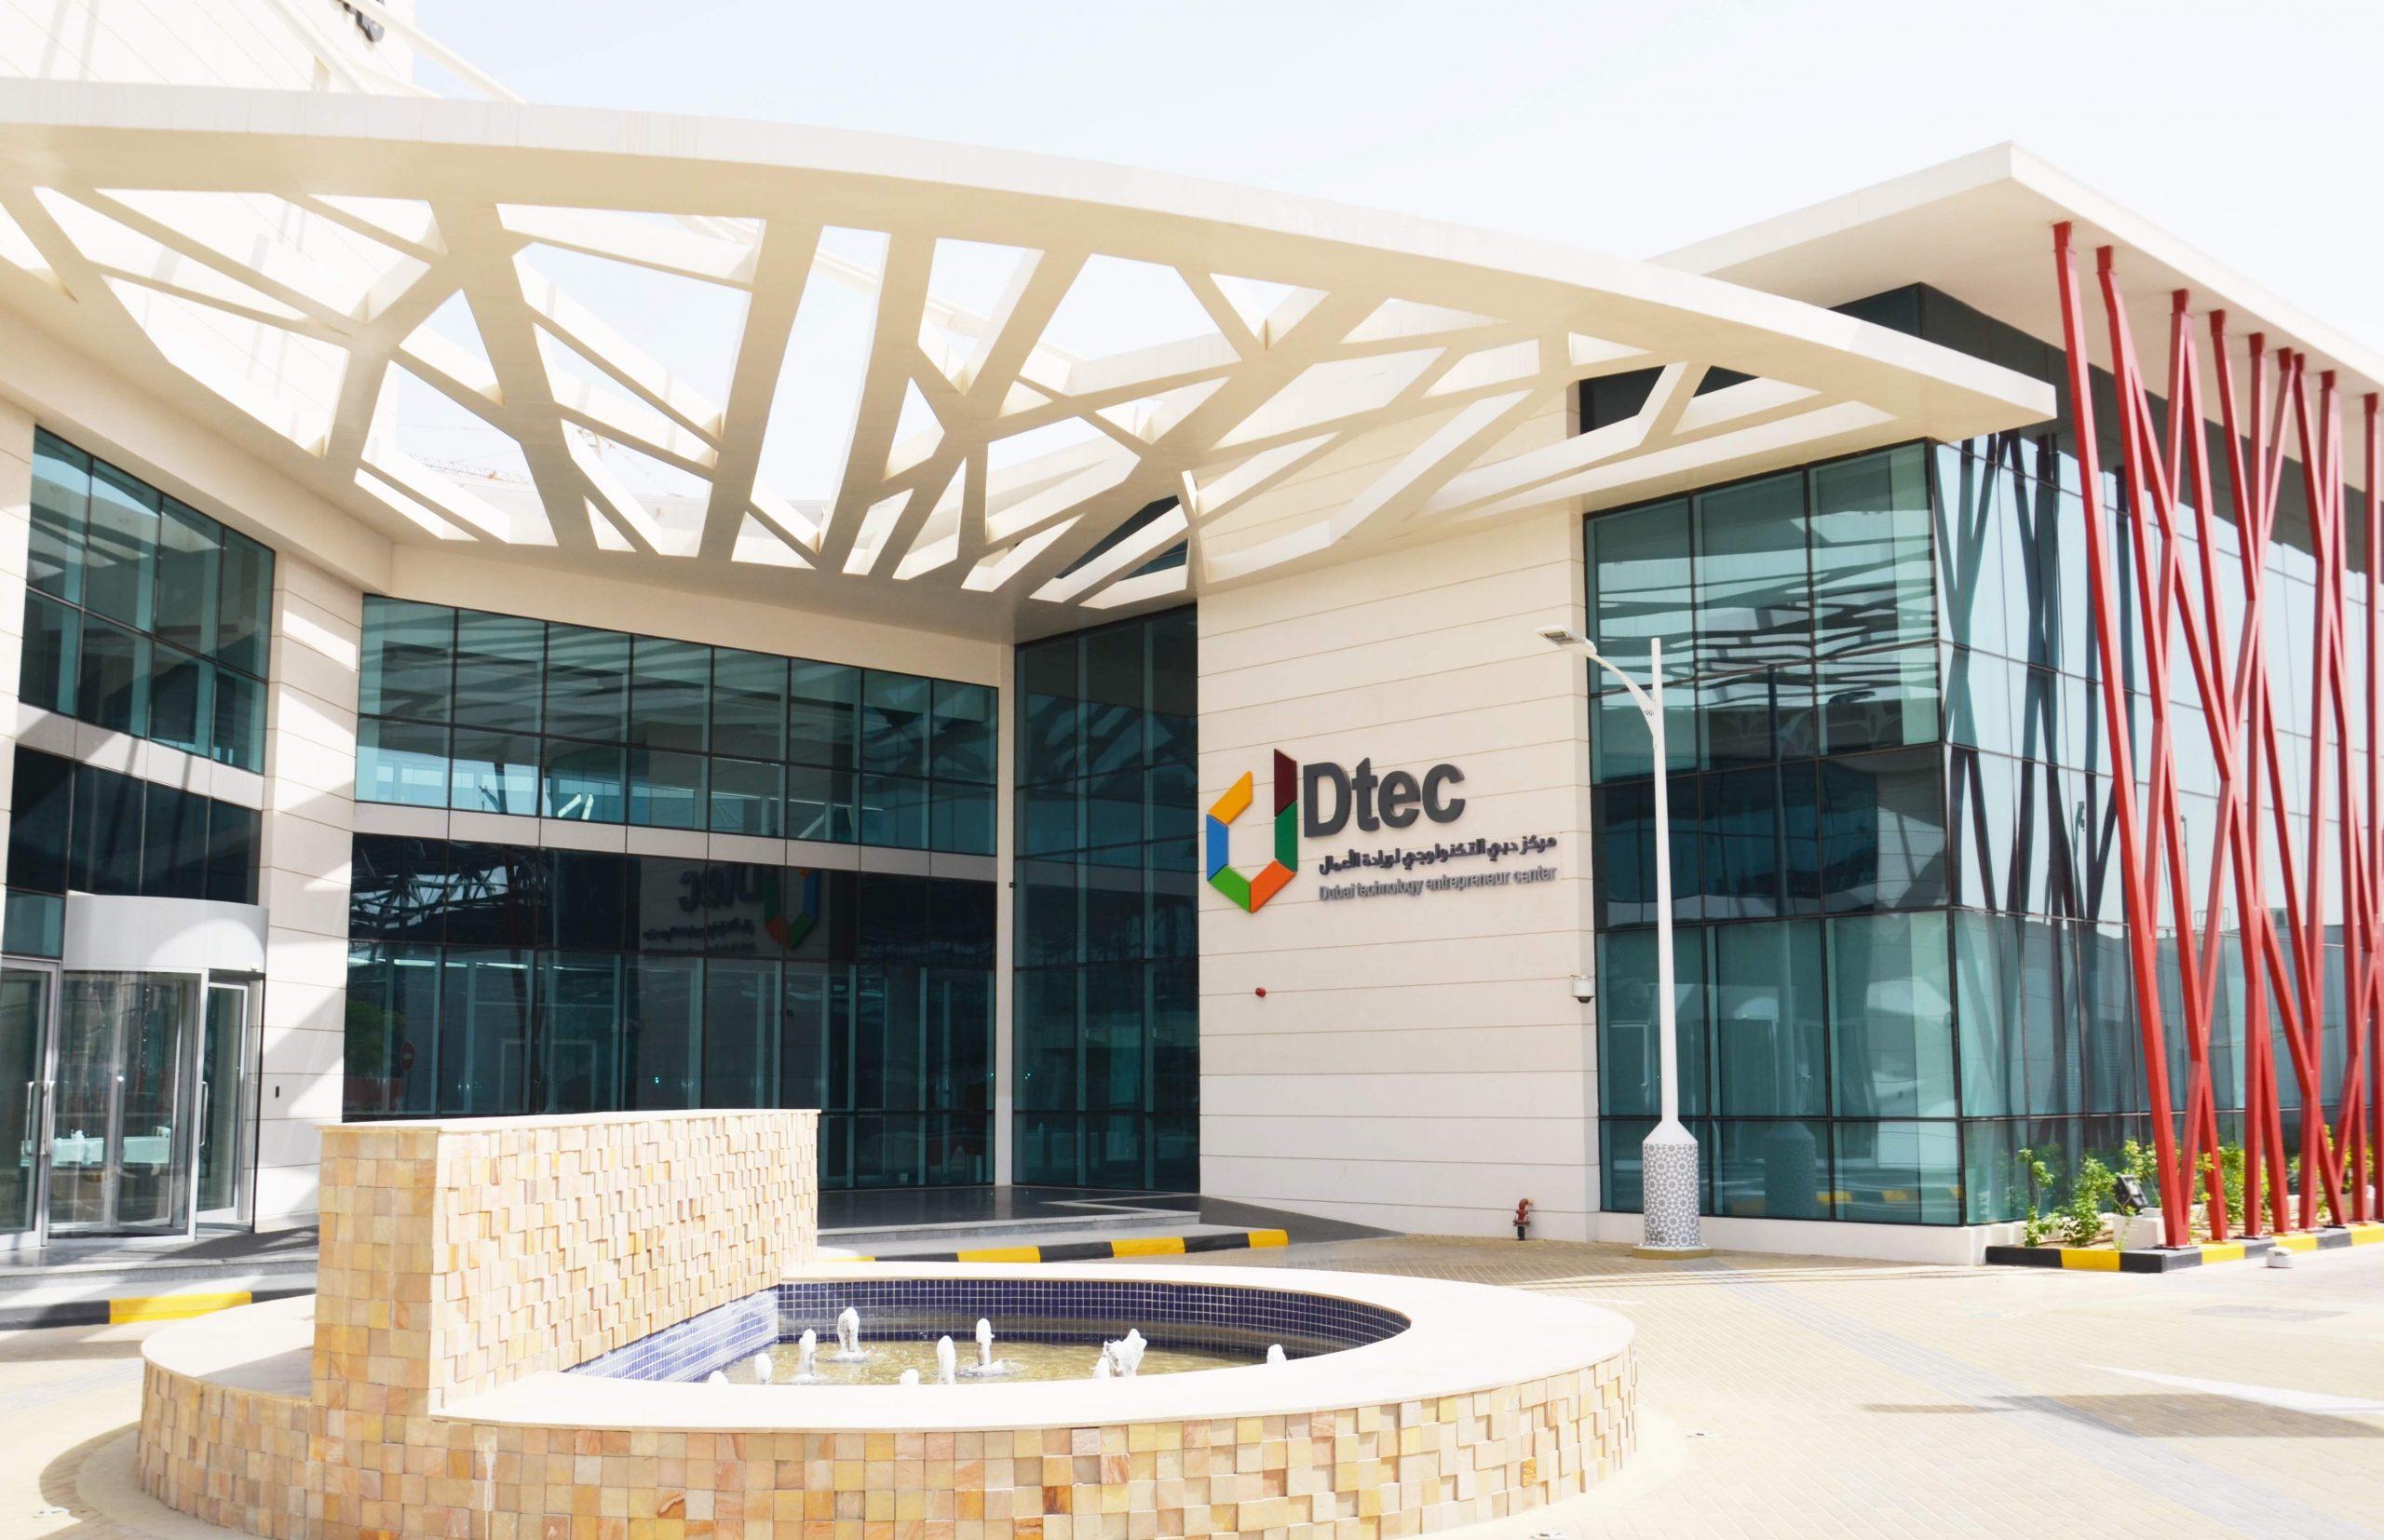 Best digital marketing agency in Dubai